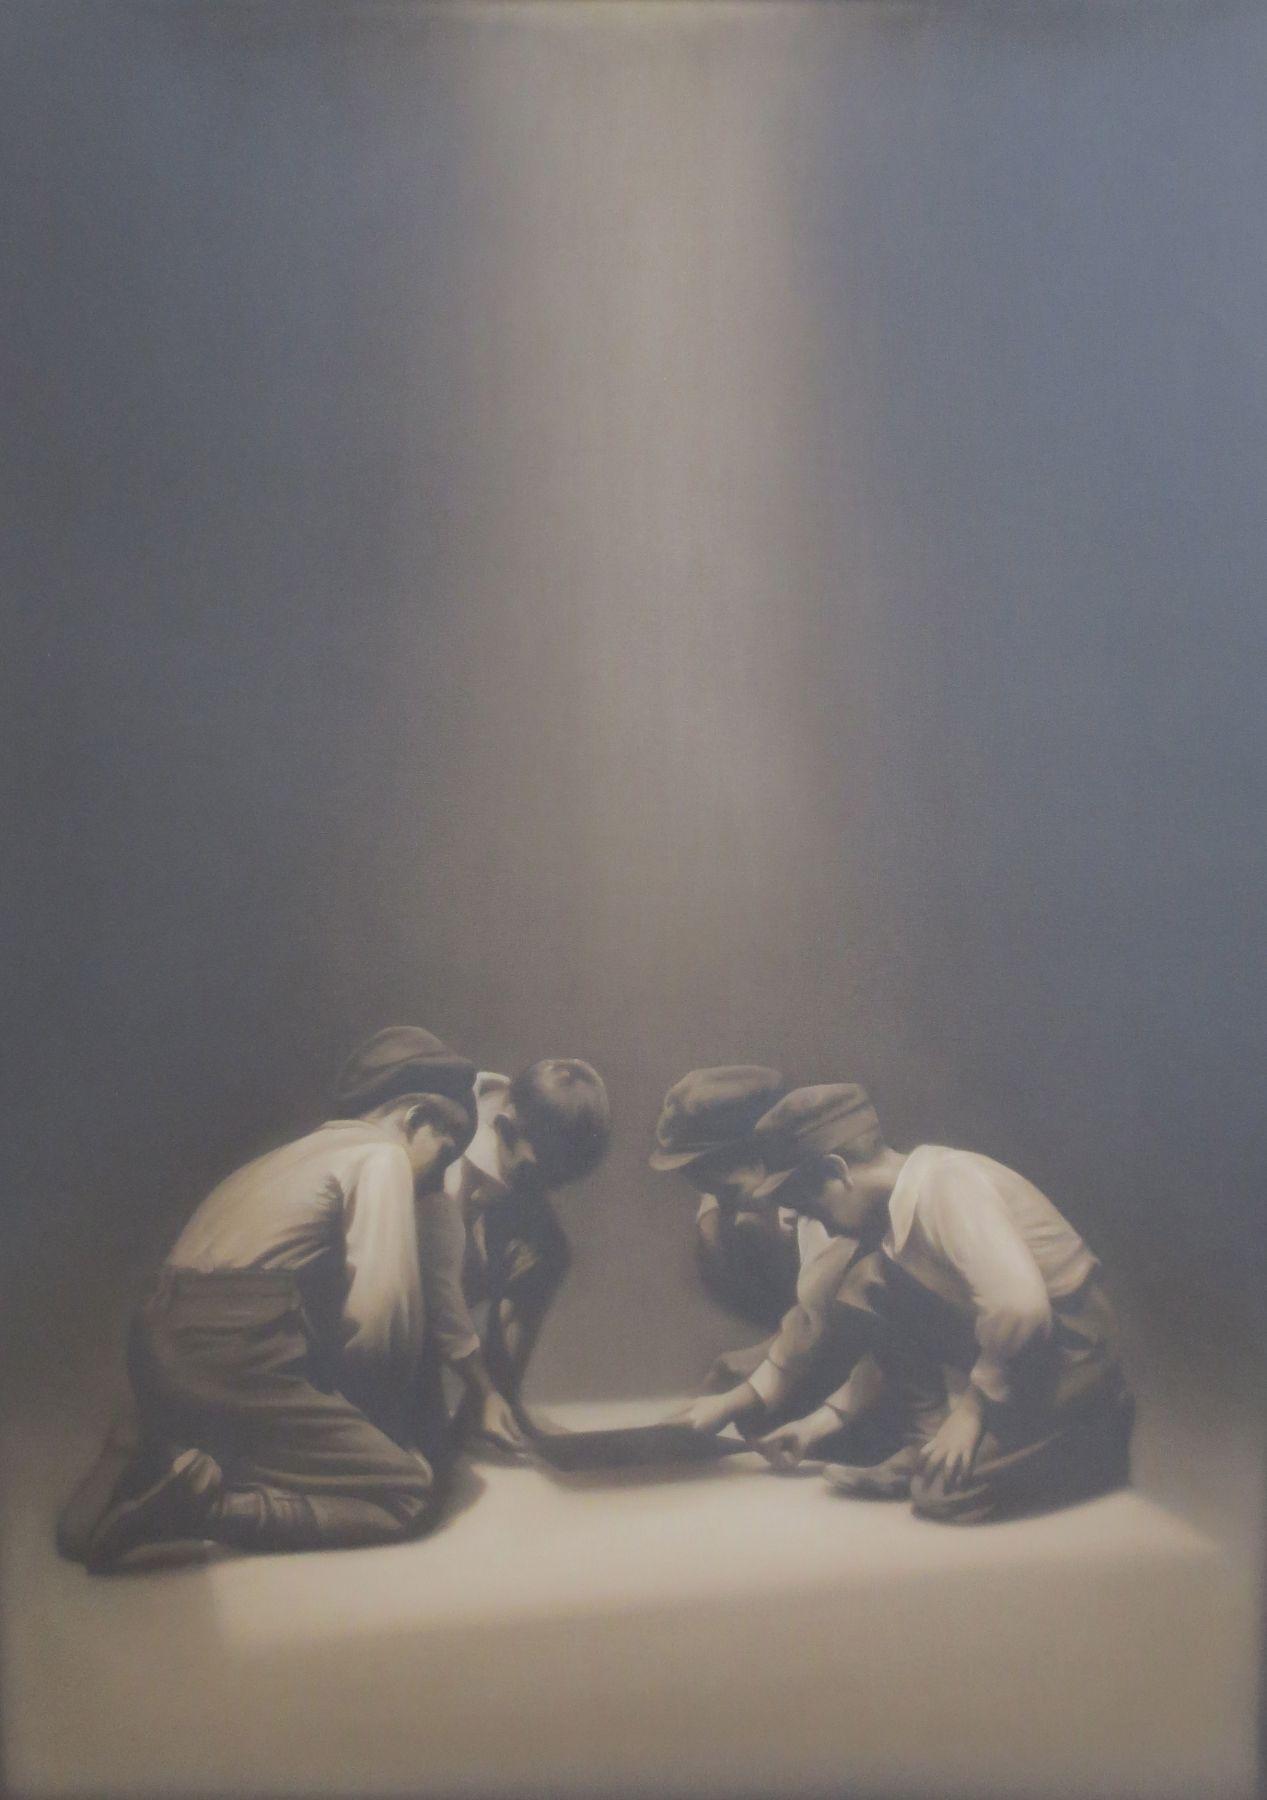 José-Alberto-Marchi-Darkness-7